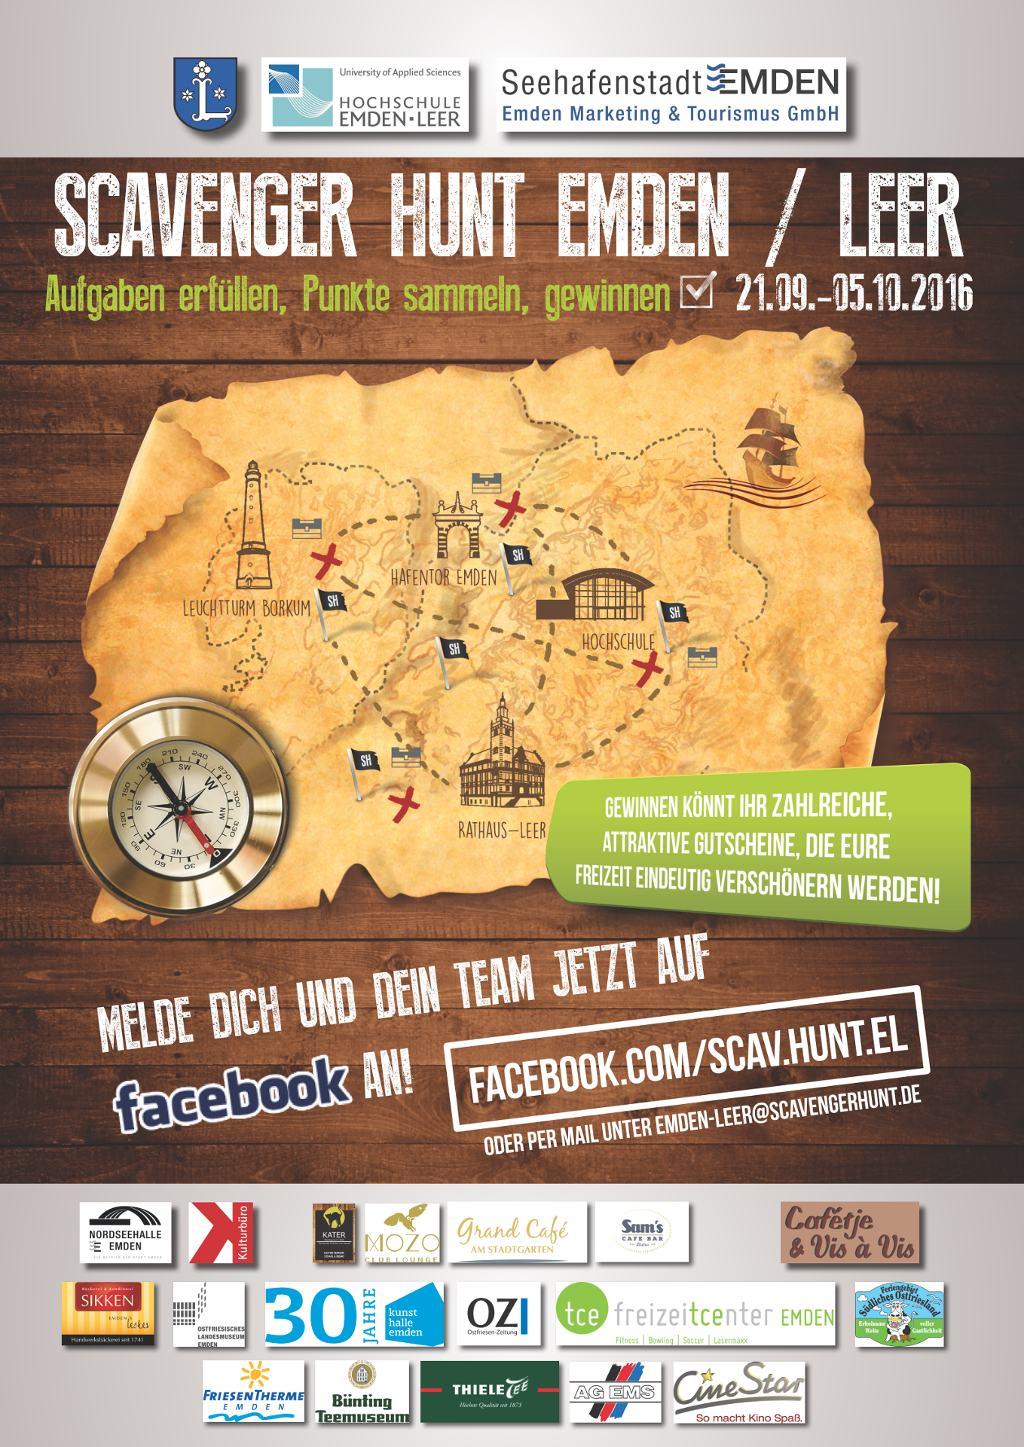 Scavenger Hunt Emden/Leer Plakat